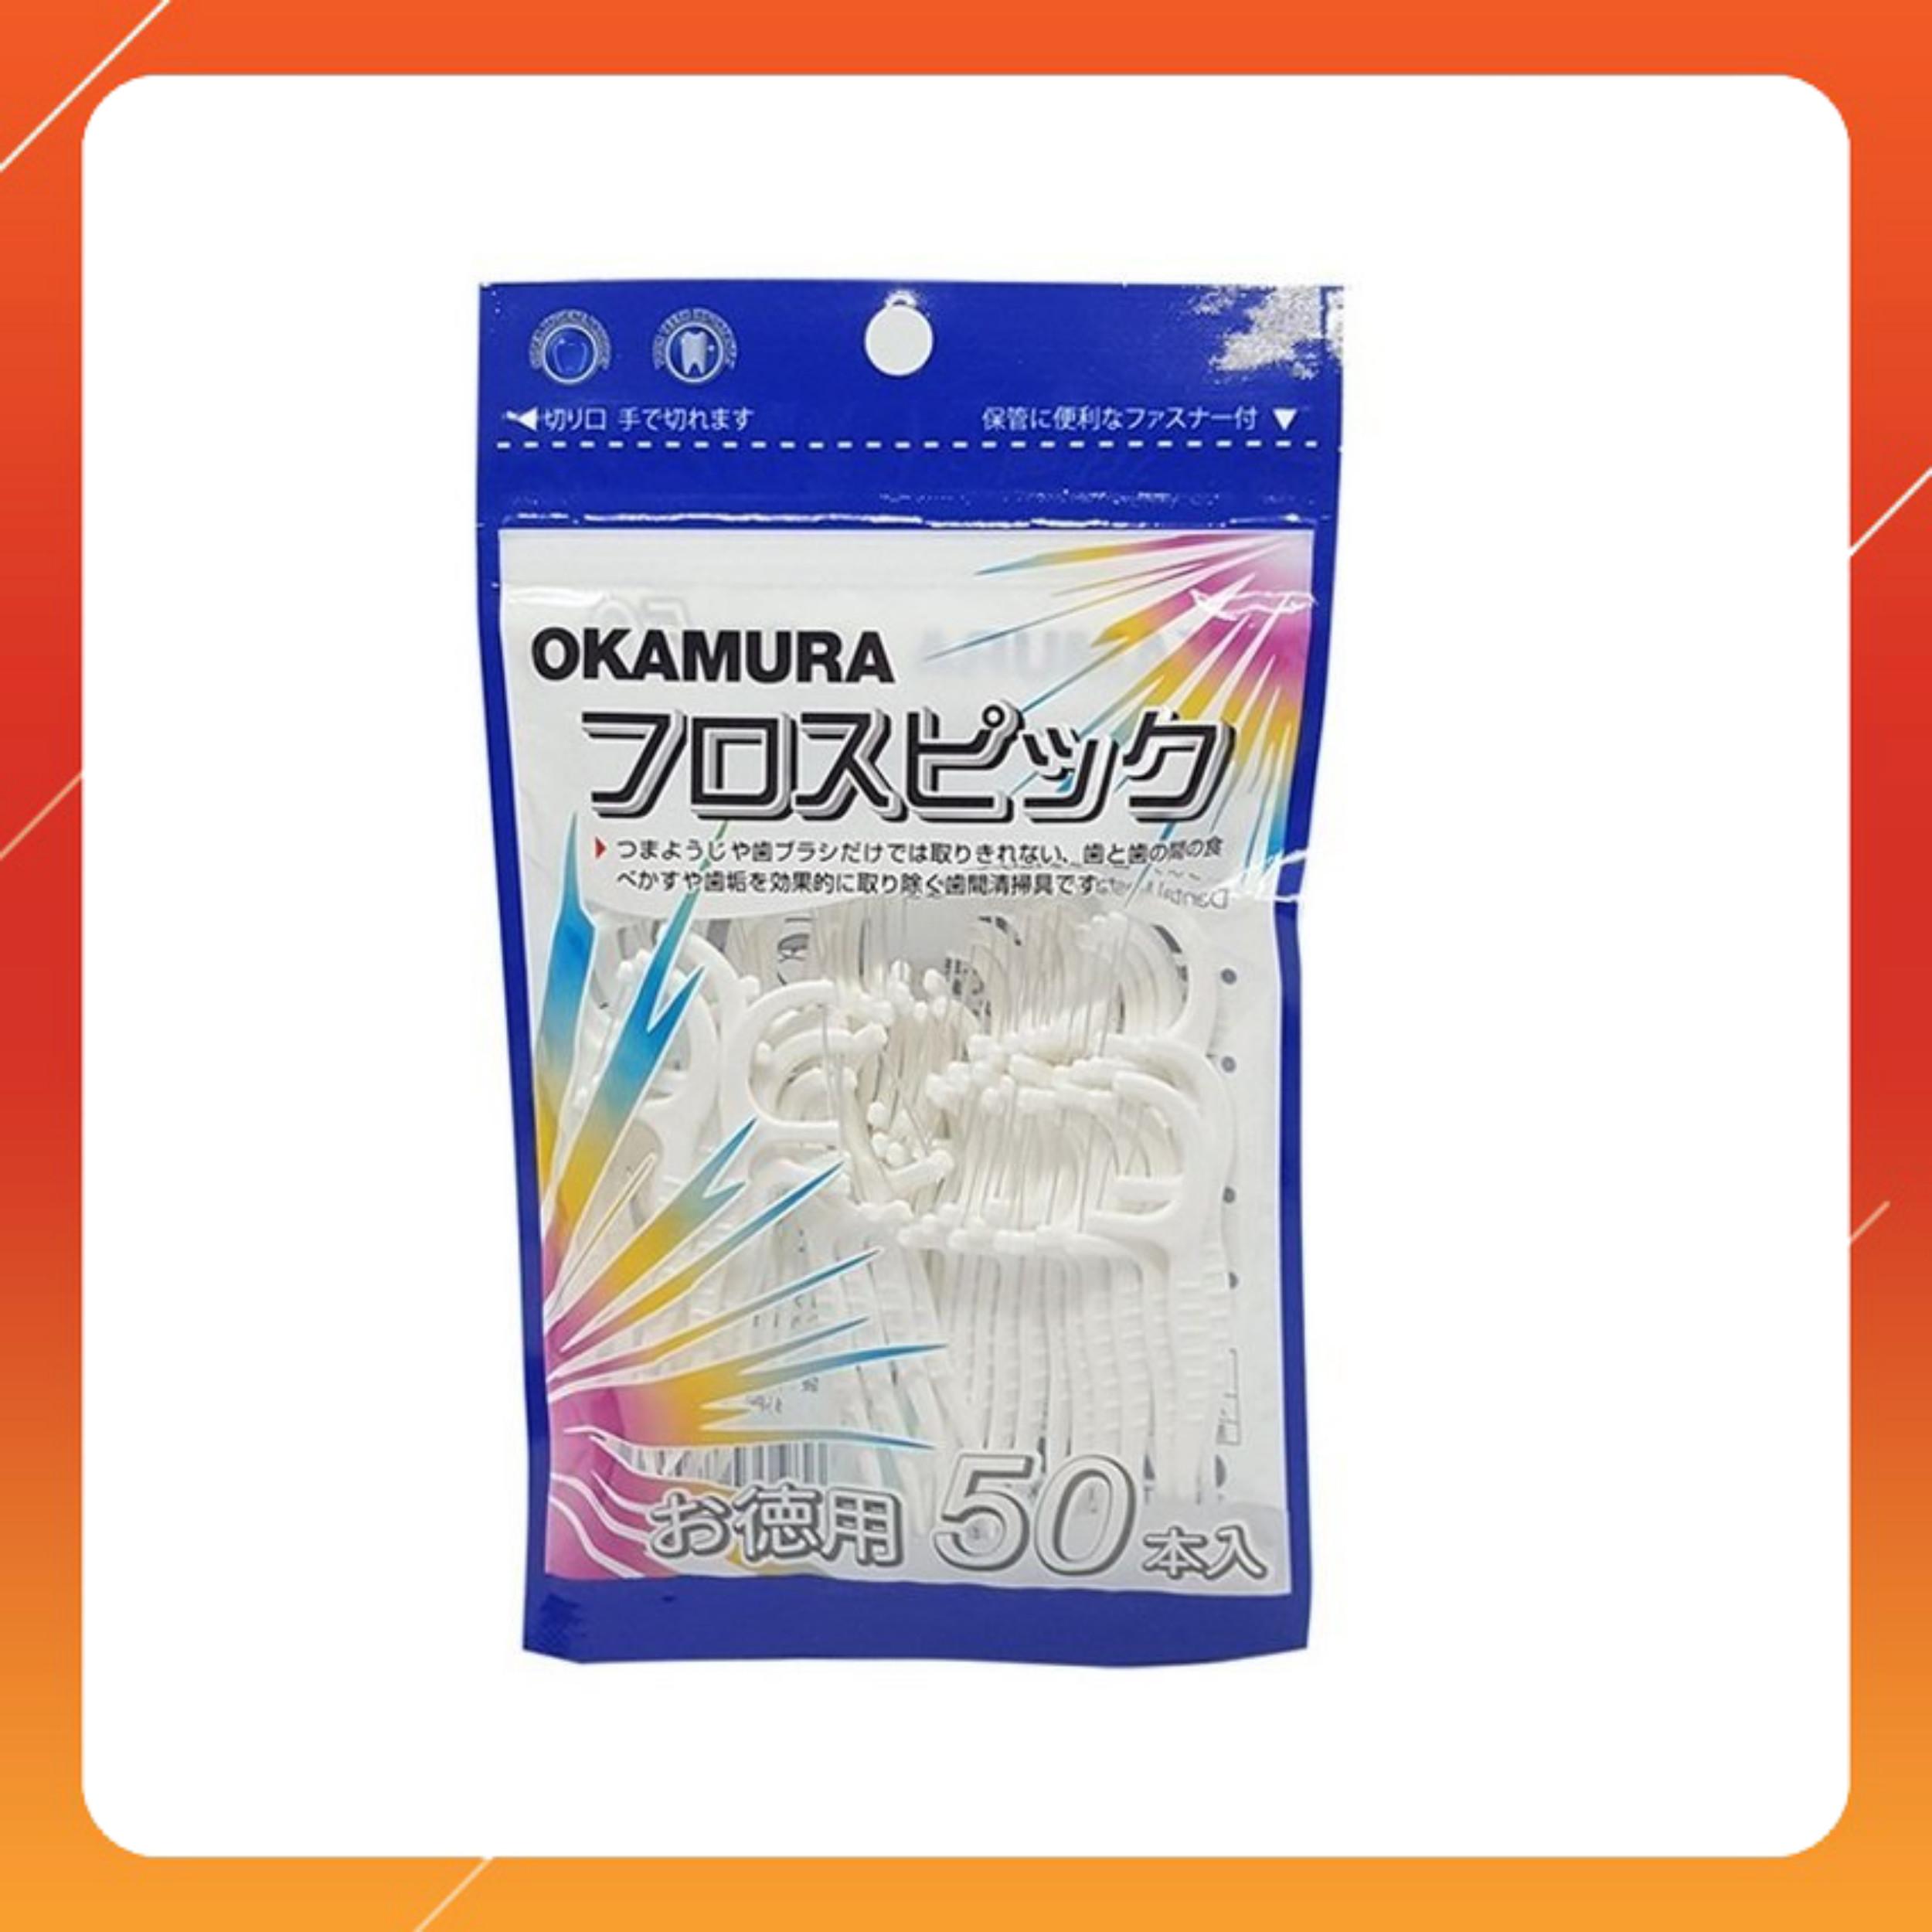 Combo 3 gói tăm chỉ nha khoa Okamura - 150 cây/3 gói